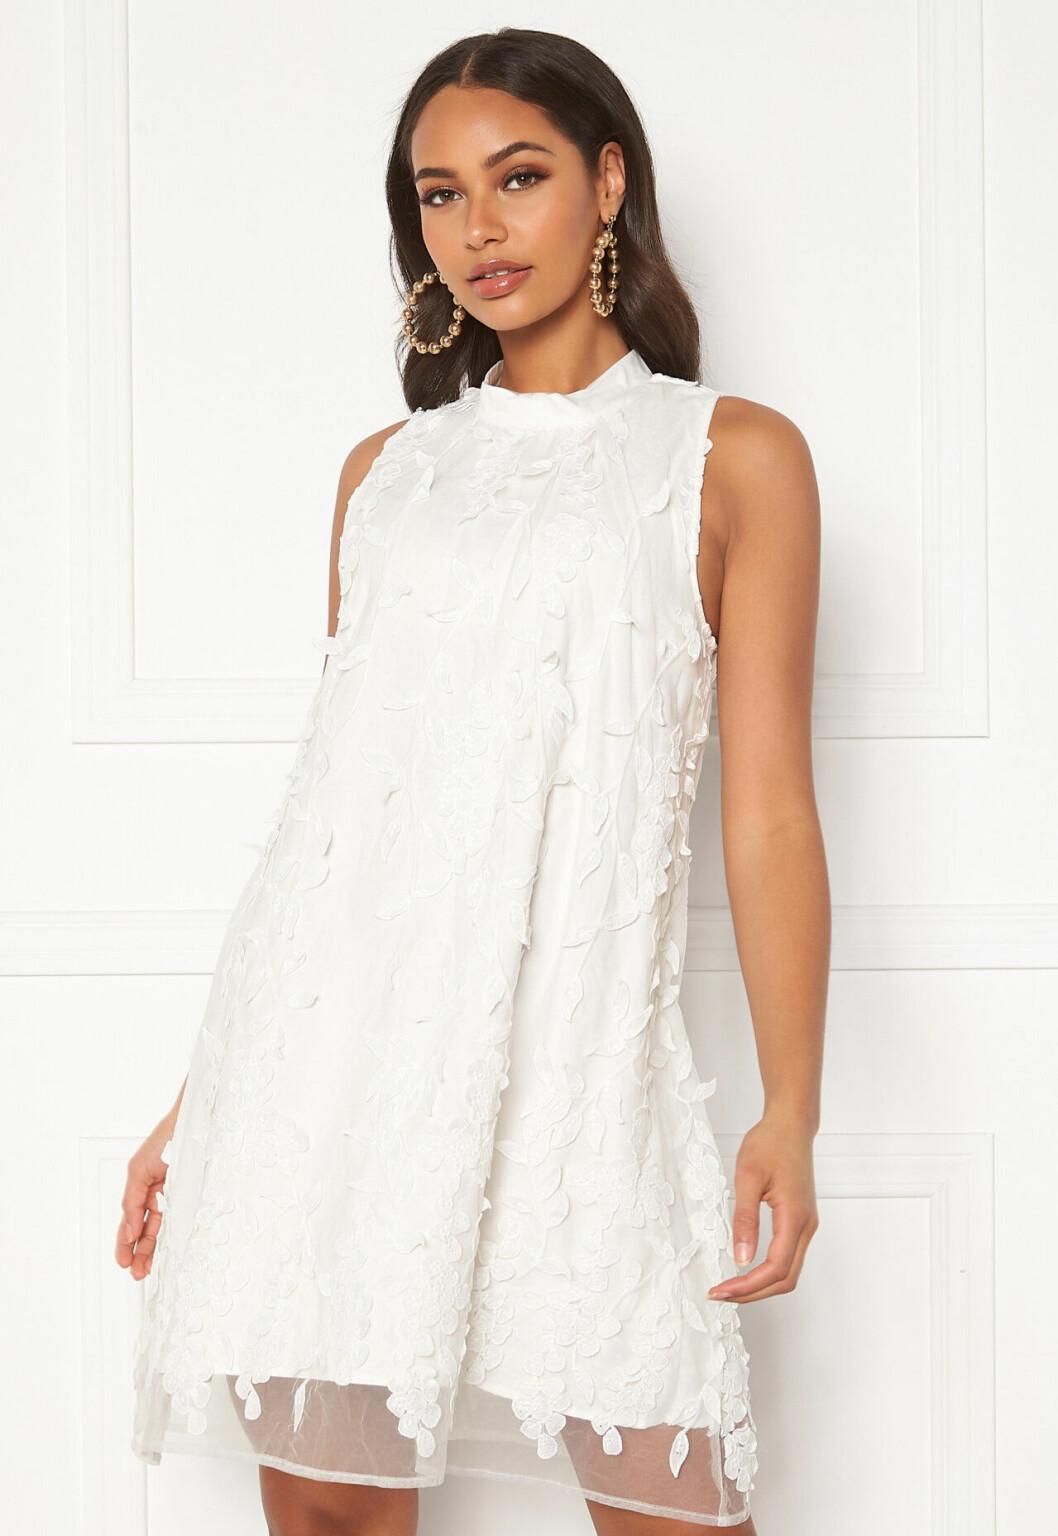 Vit klänning med 3d-blommor till sommaren 2020